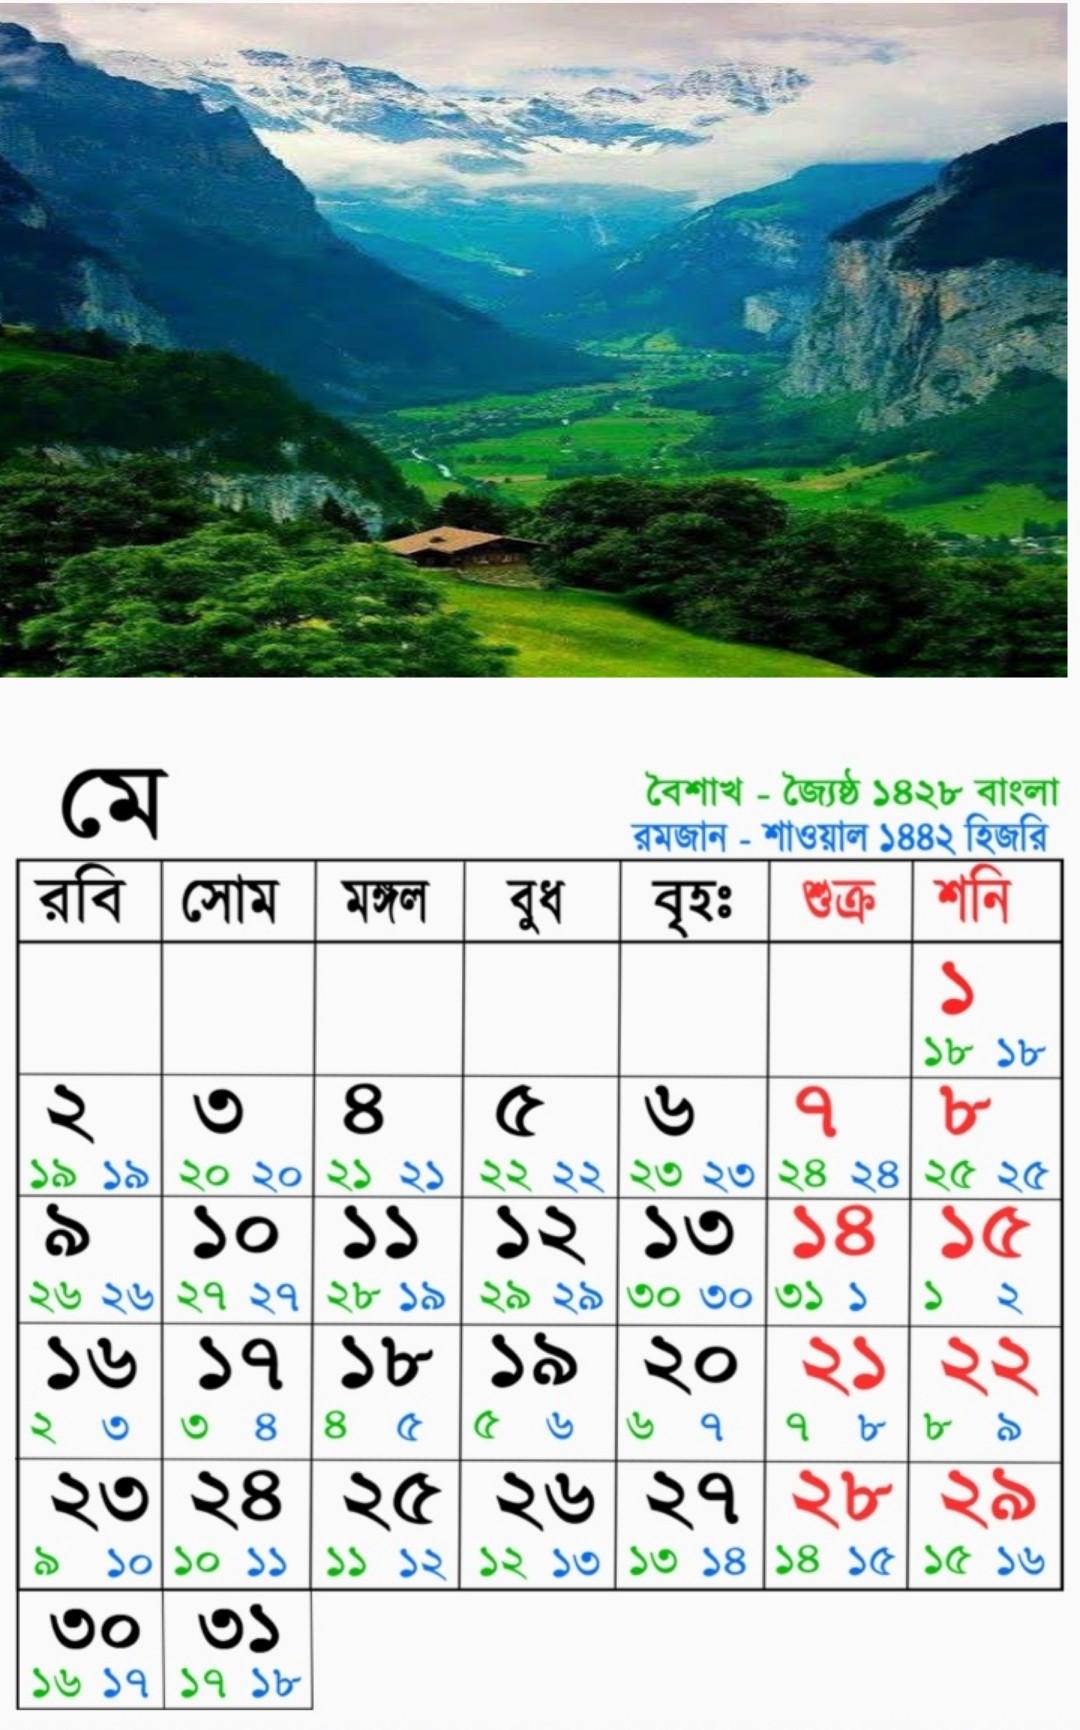 May Bangla English Arabi Calendar 2021 | মে বাংলা ইংরেজি আরবি ক্যালেন্ডার ২০২১